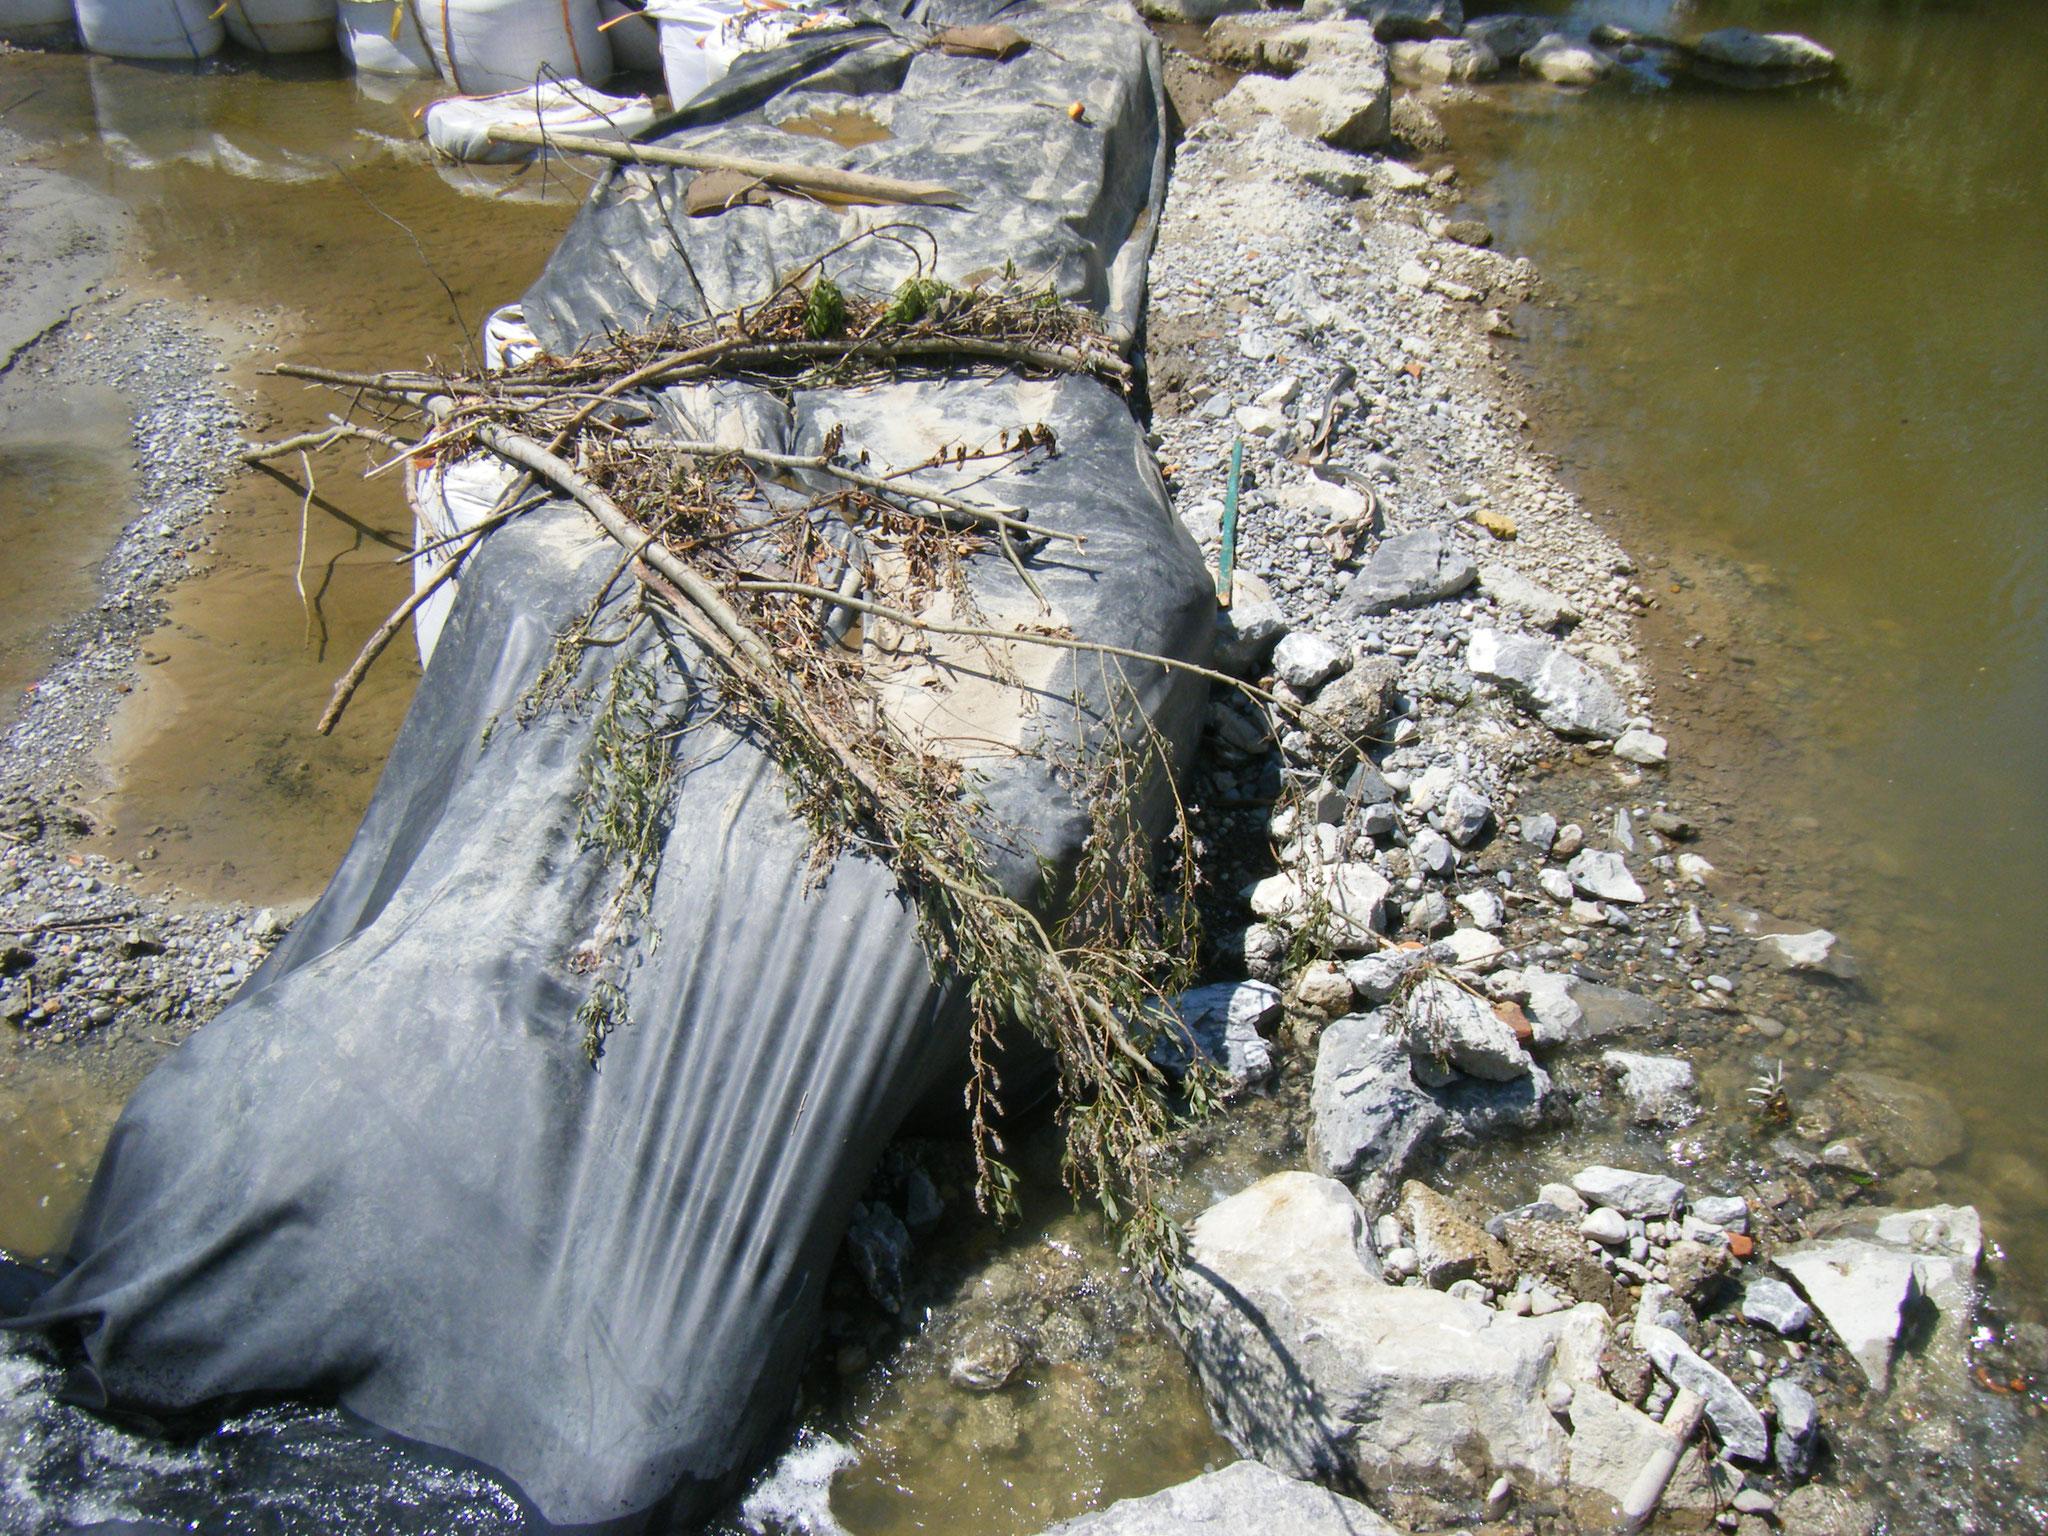 Das abgelegte Treibgut zeigt, dass der provisorische Damm von den Wassermassen überspült wurde